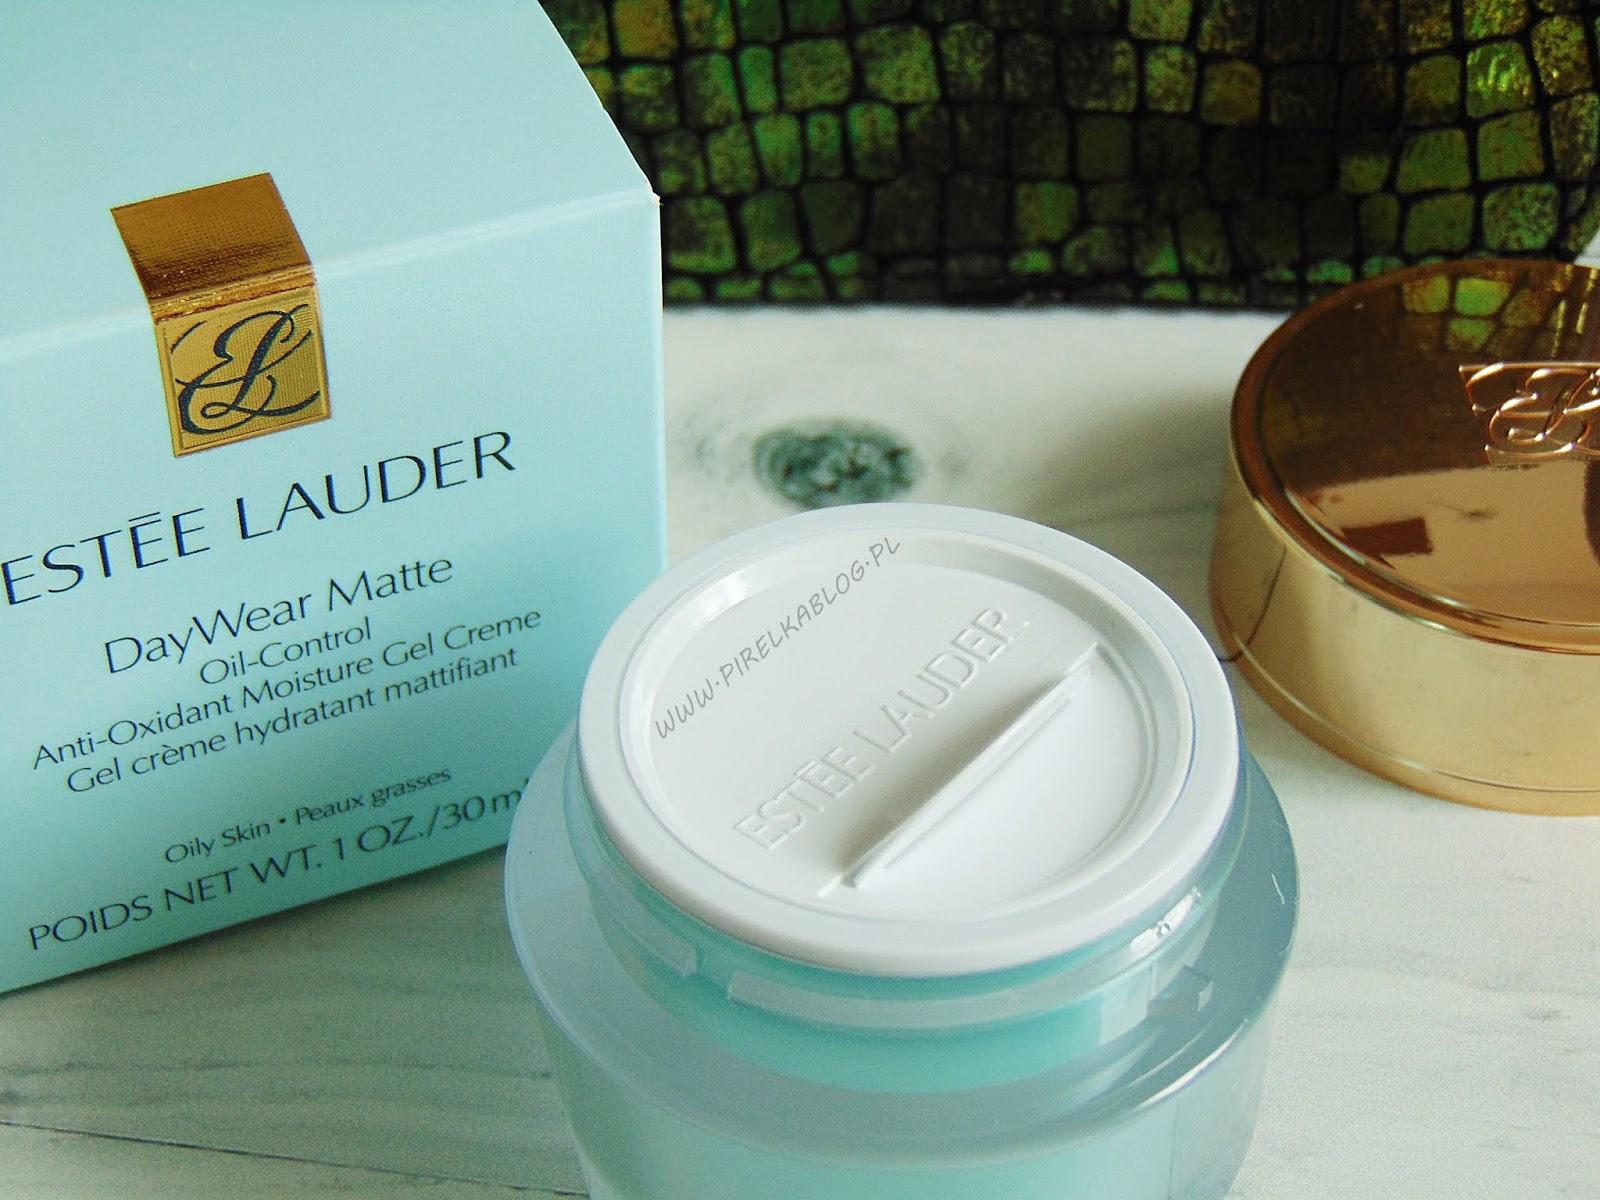 Estee Lauder DayWear Matte cream - krem do cery tłustej kontrolujący wydzielanie sebum